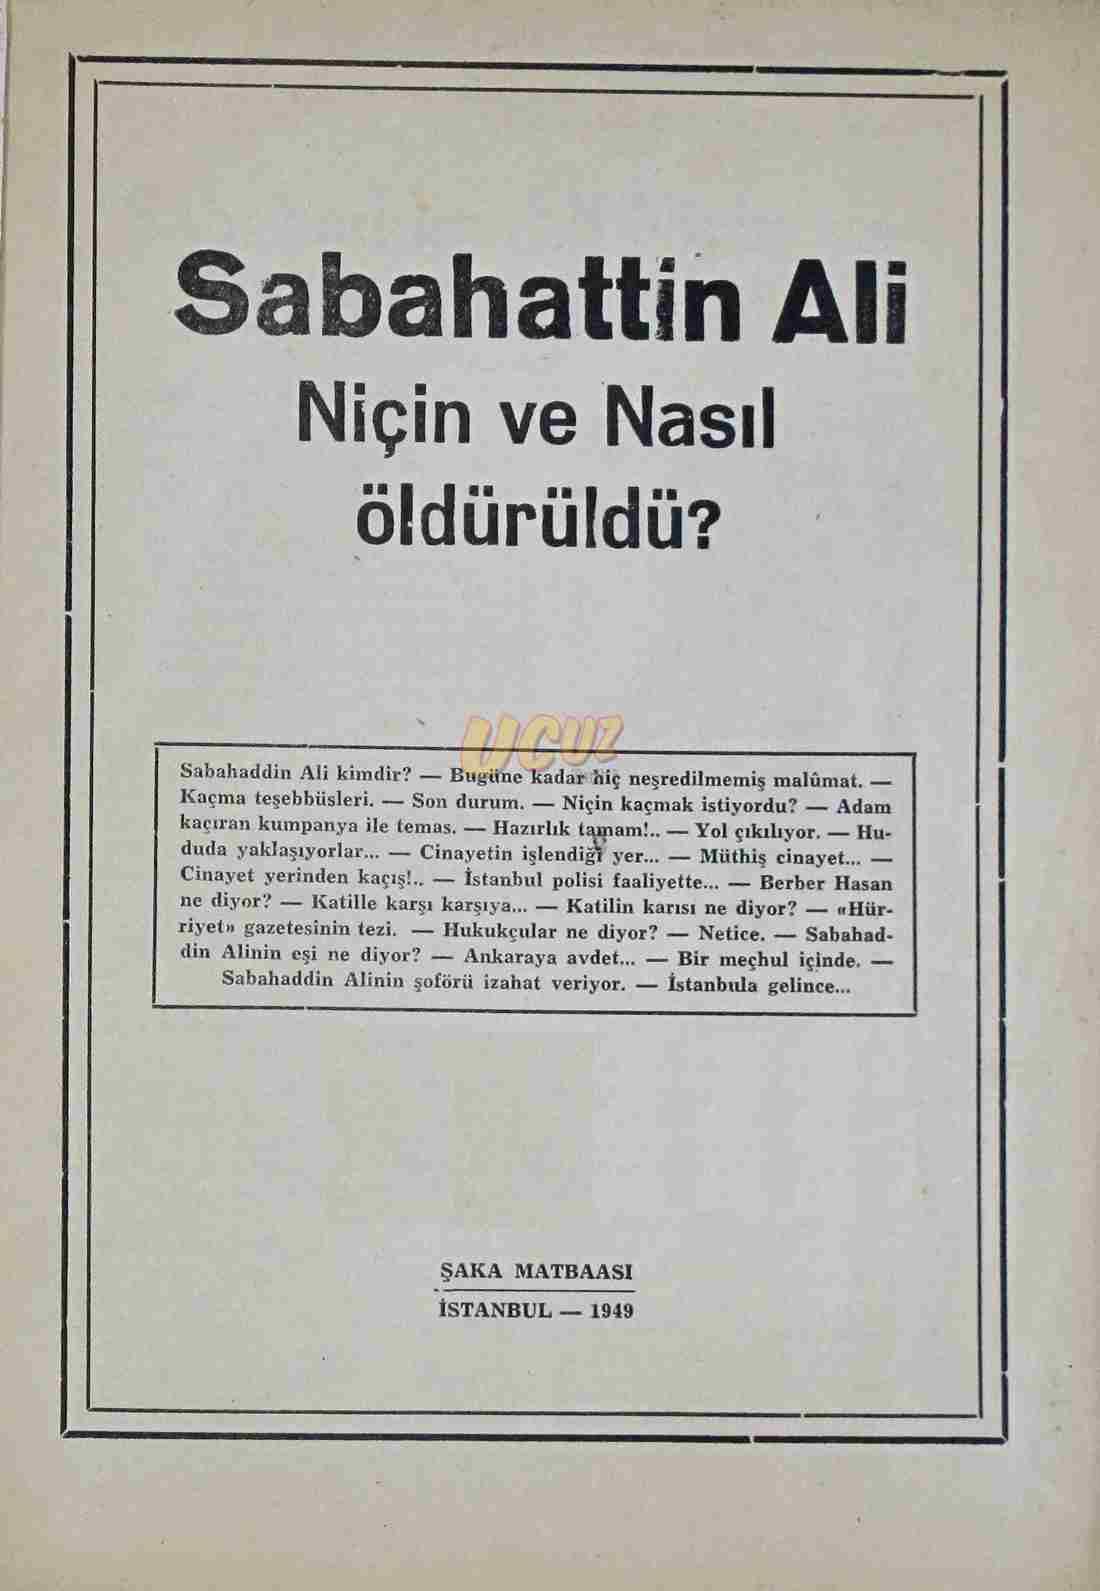 sabahattinAli_00_00_0001